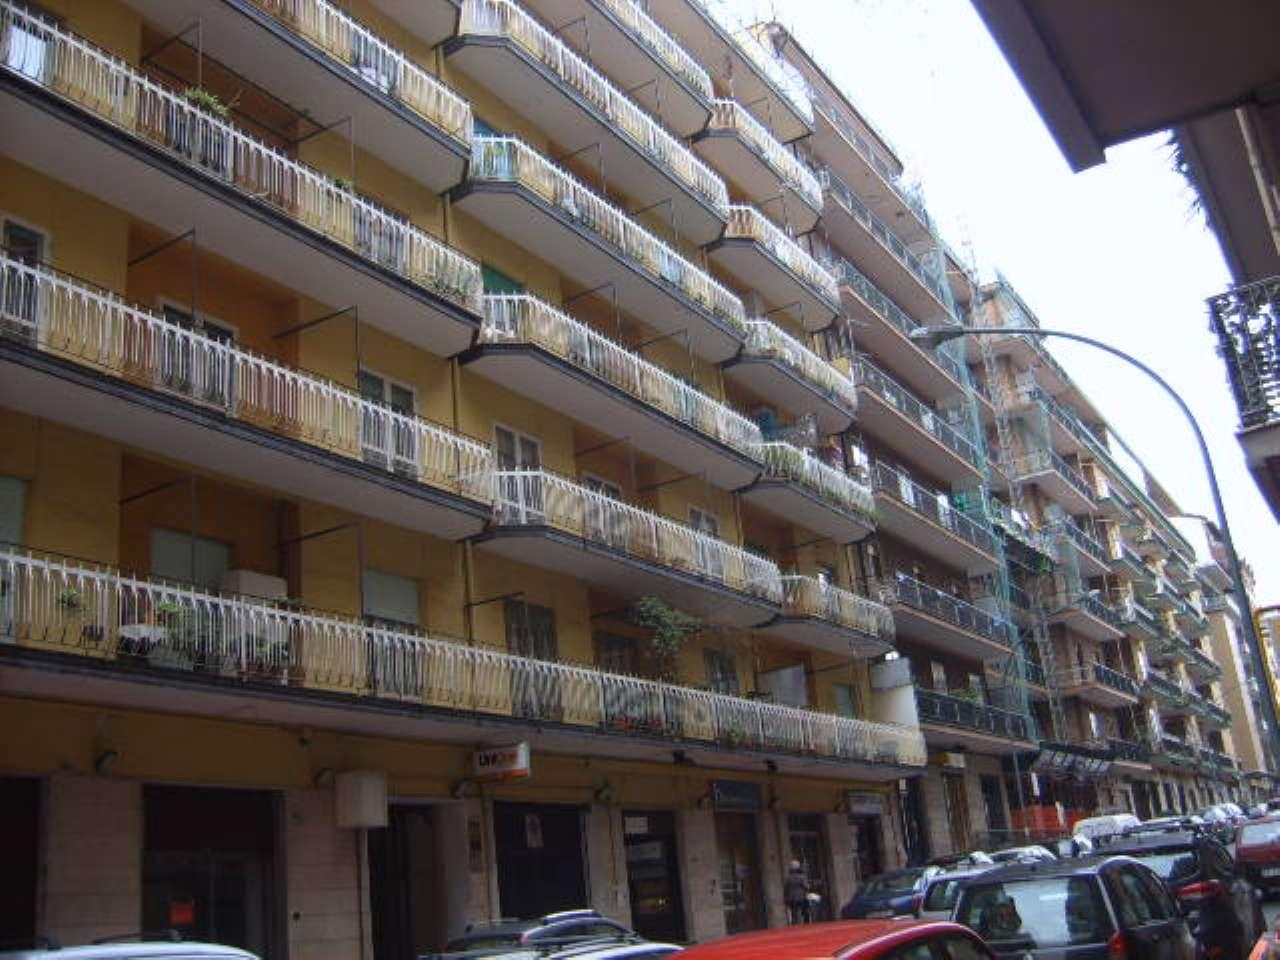 Negozio / Locale in affitto a Avellino, 1 locali, prezzo € 300 | CambioCasa.it